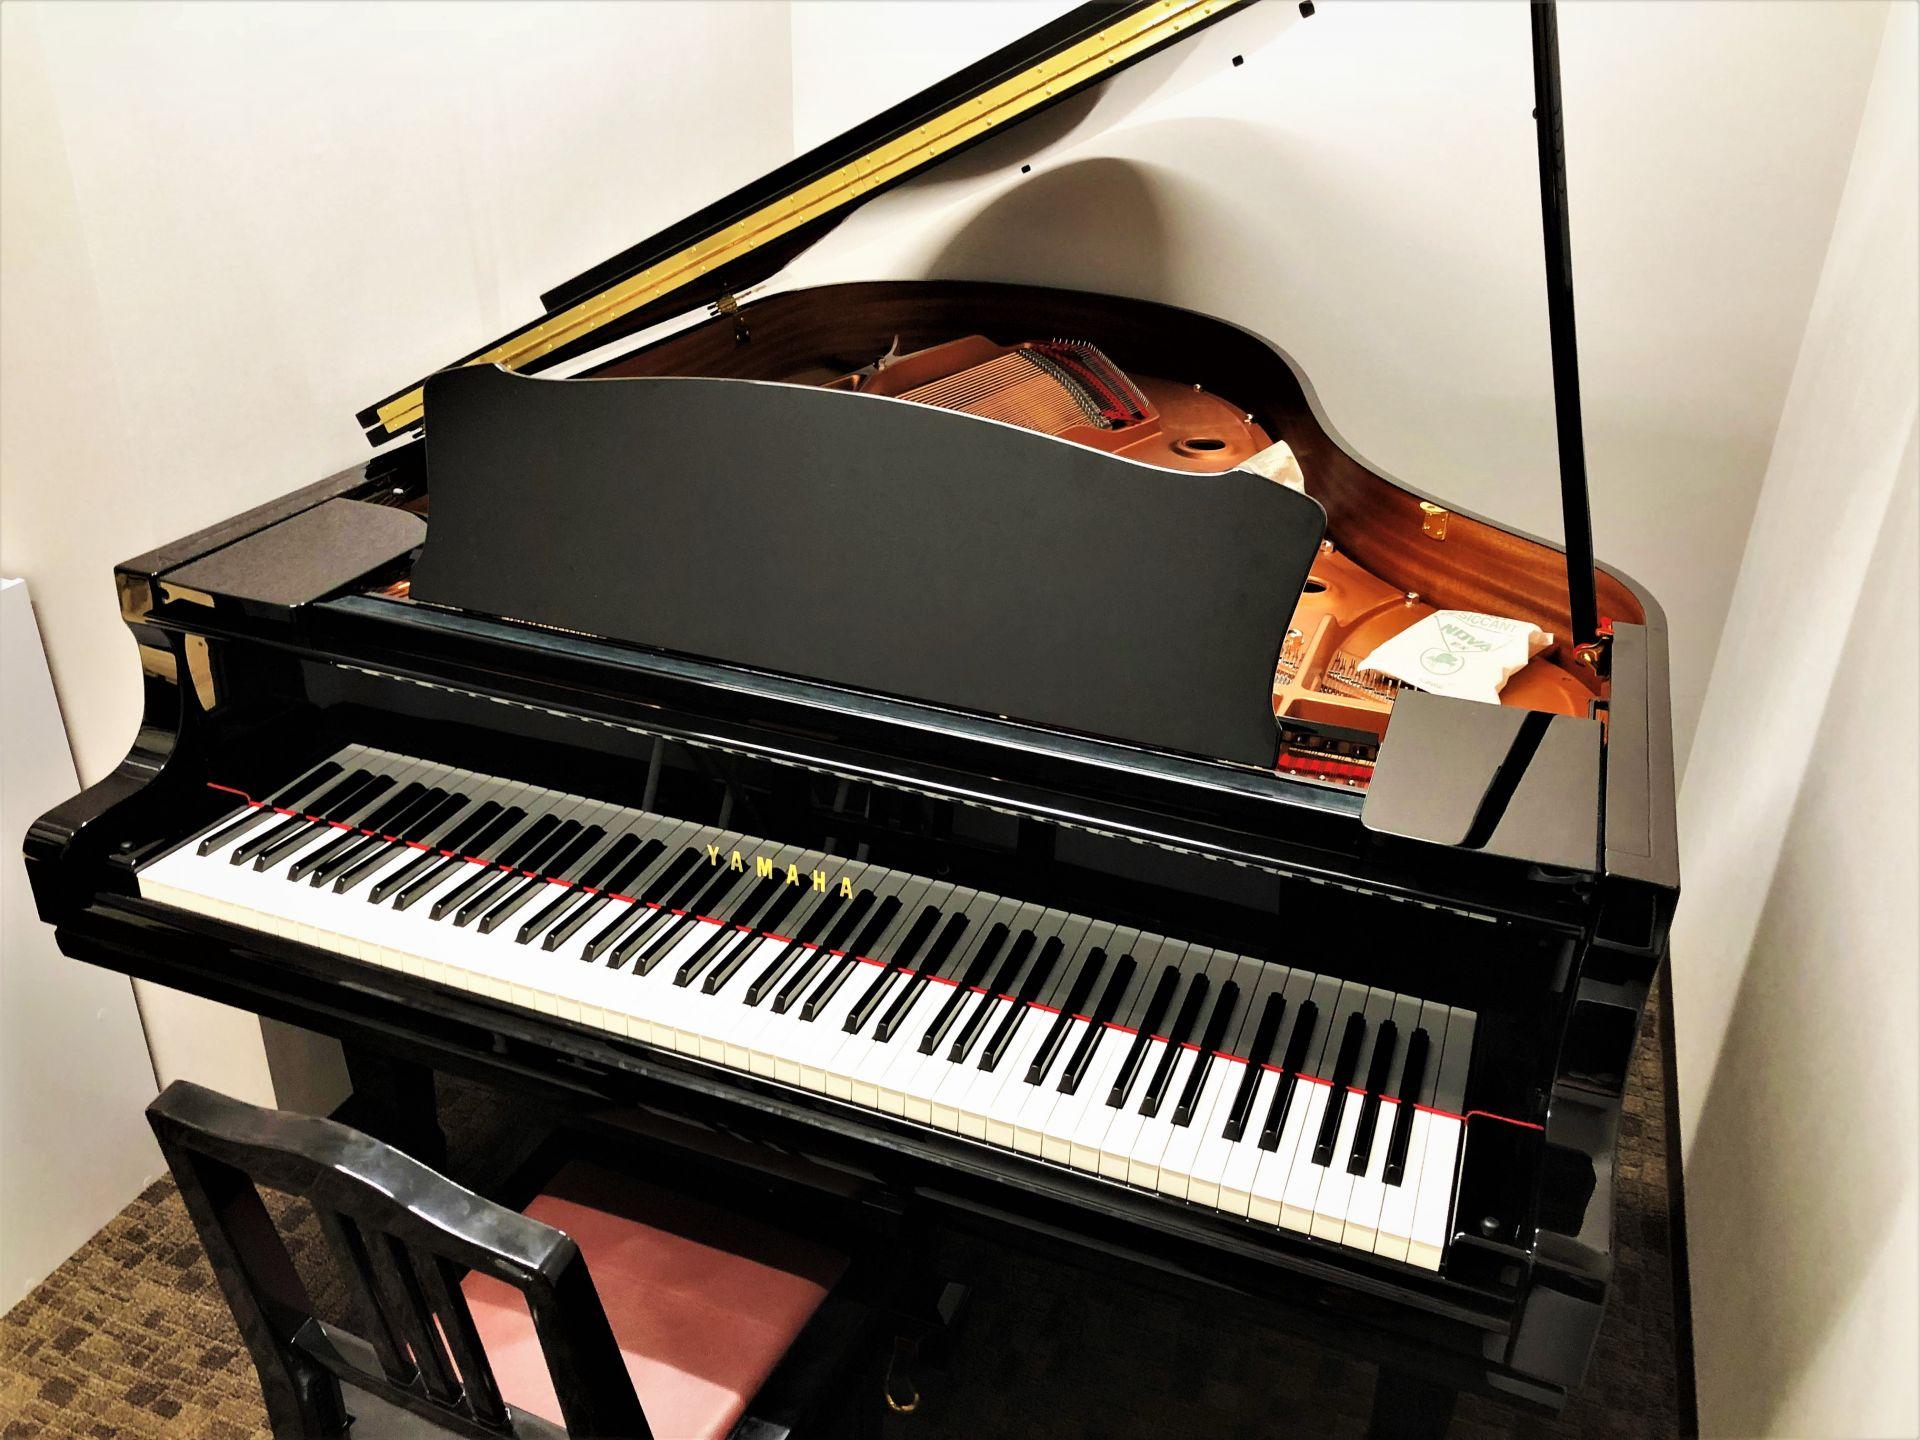 島村楽器アウトレット広島店 グランドピアノ 佐伯区 音楽教室 ピアノ教室